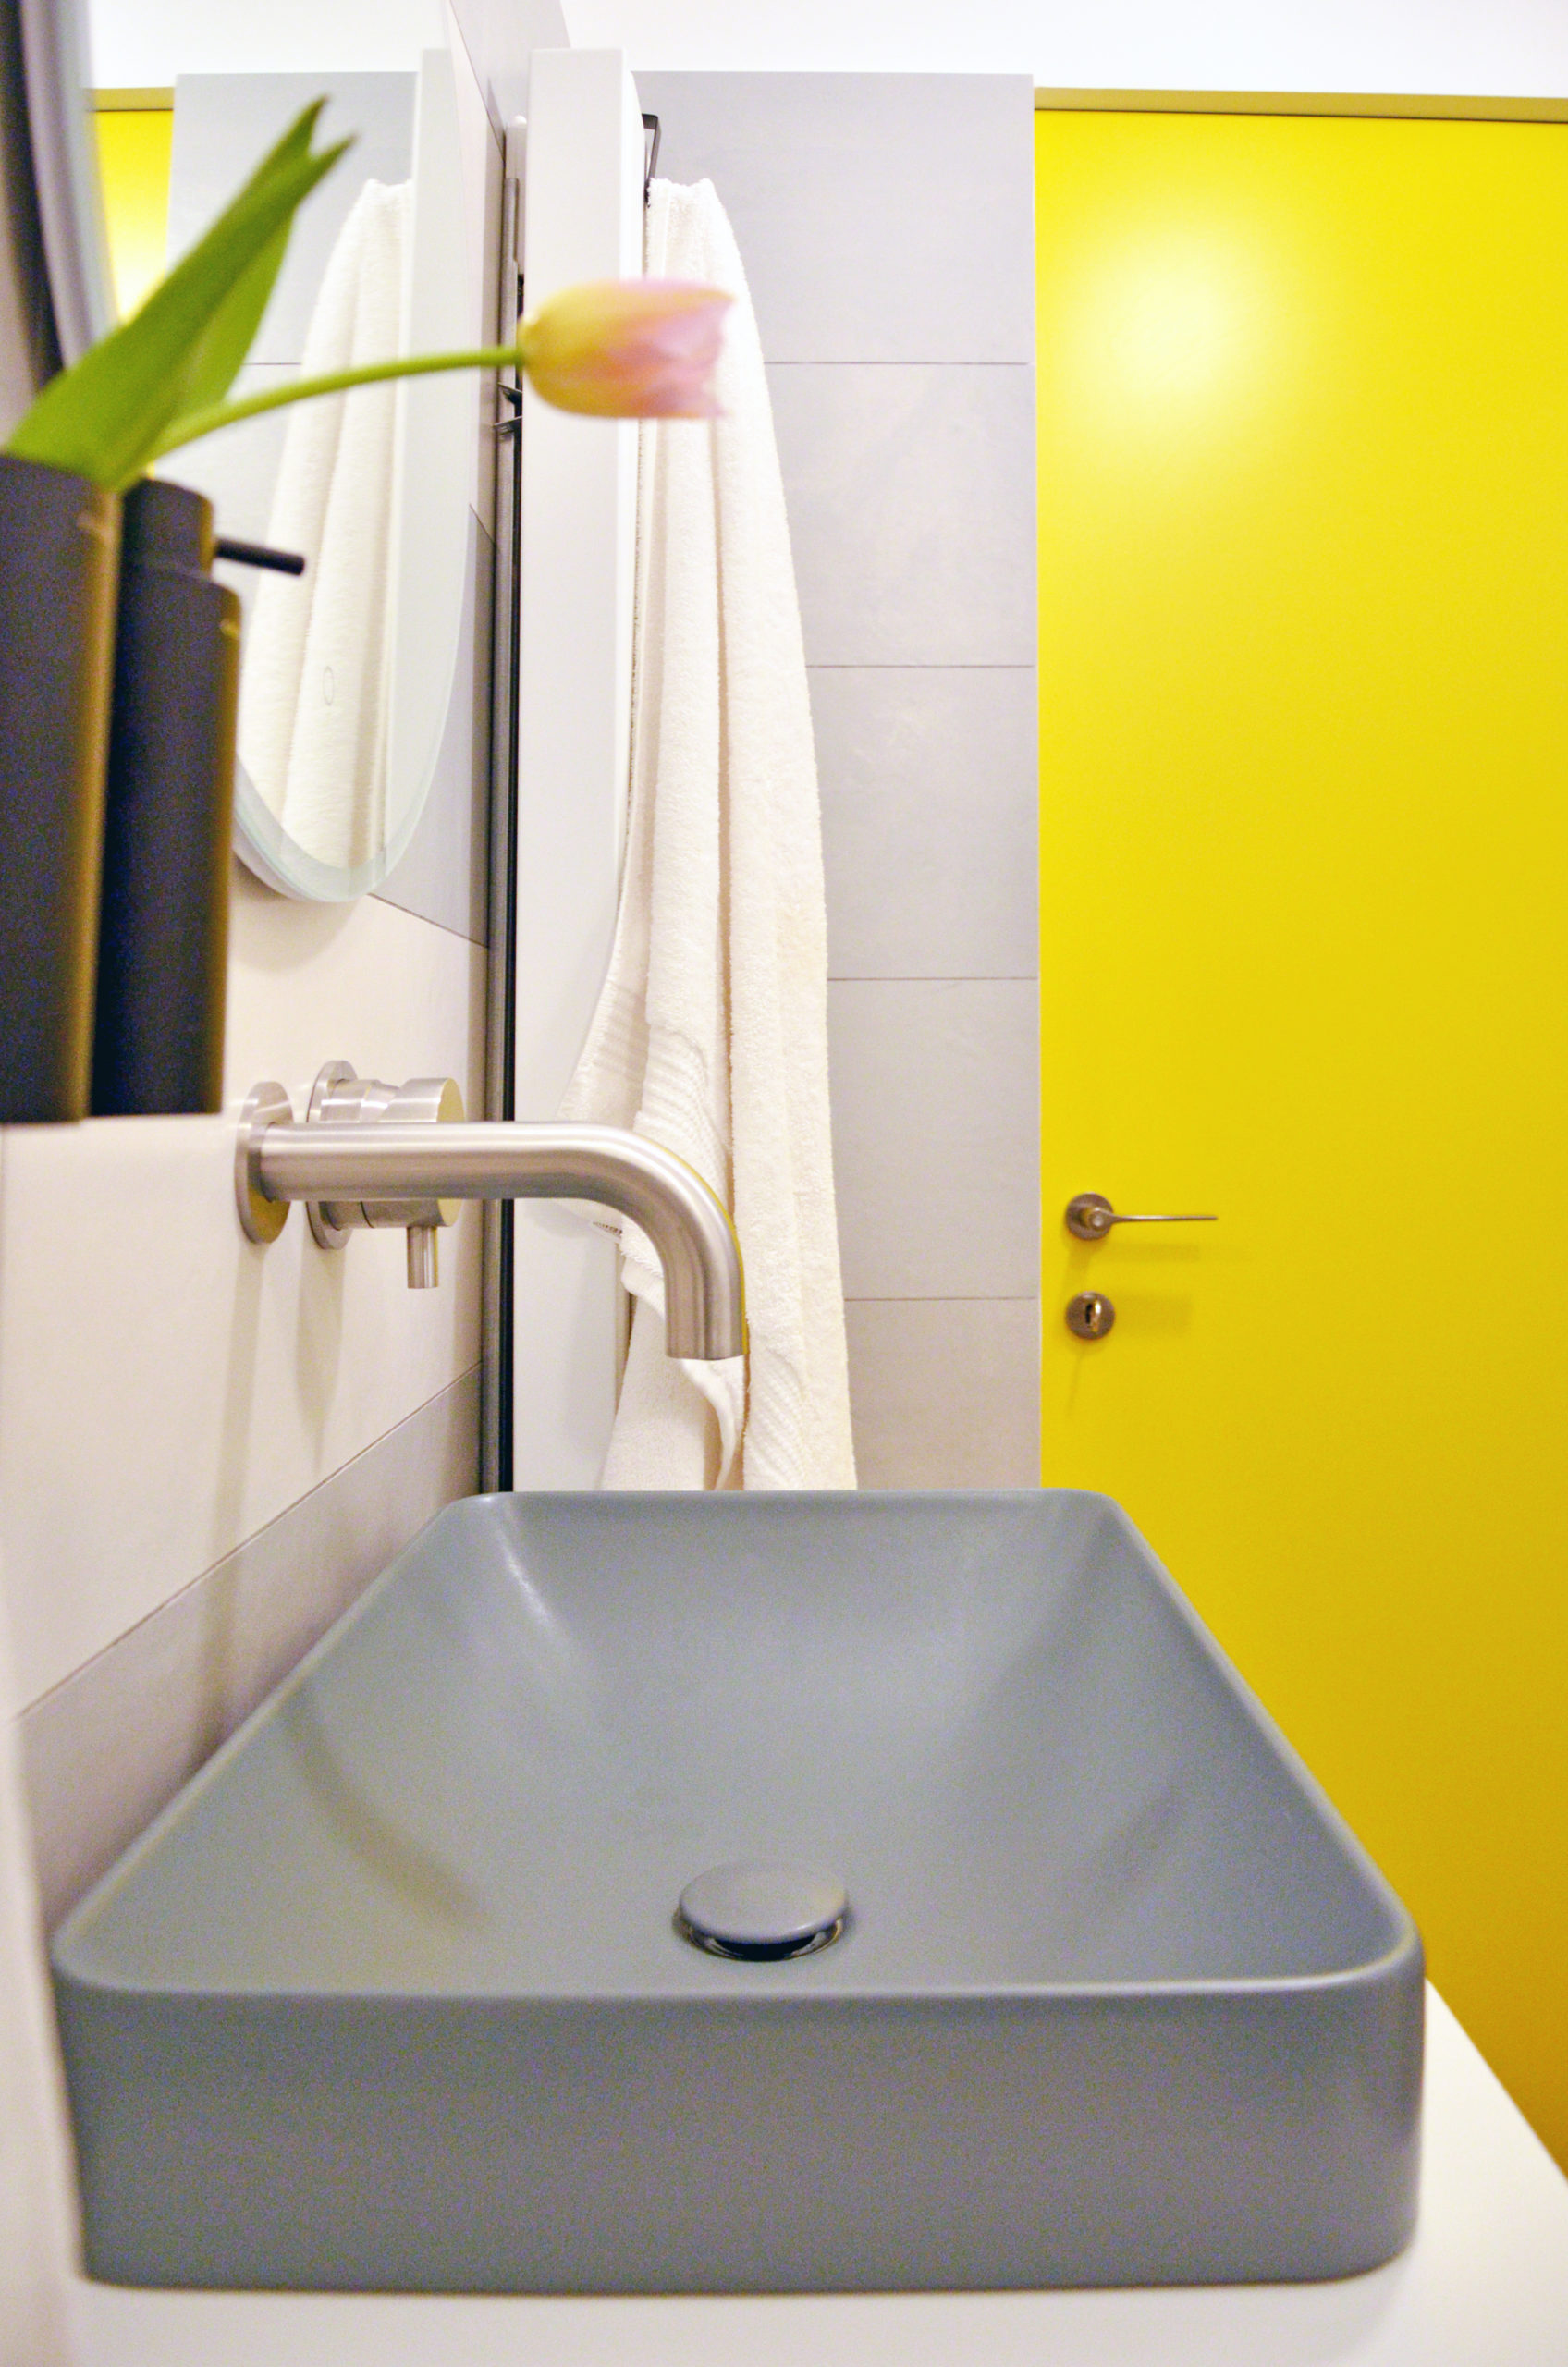 Zona lavabo progetto Design Outfit con miscelatore di Mina rubinetterie